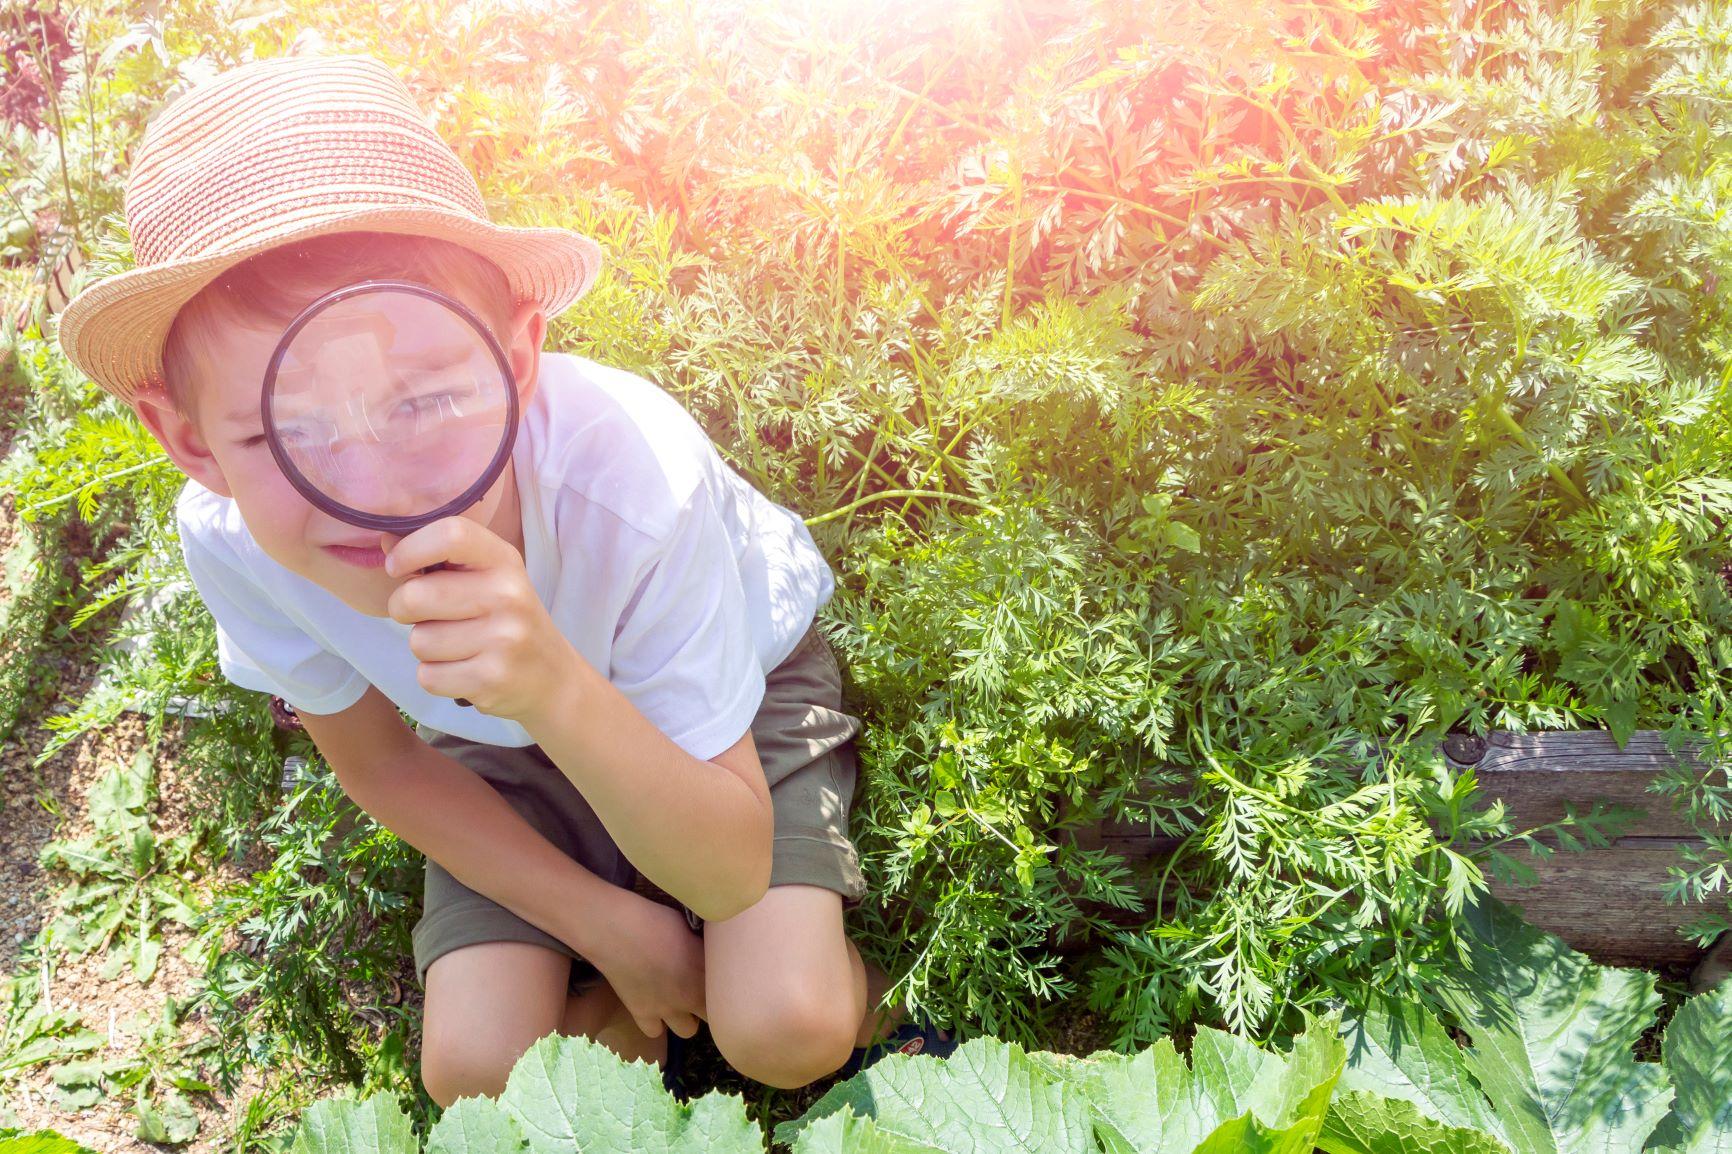 niño imaginativo explorando la naturaleza con una lupa